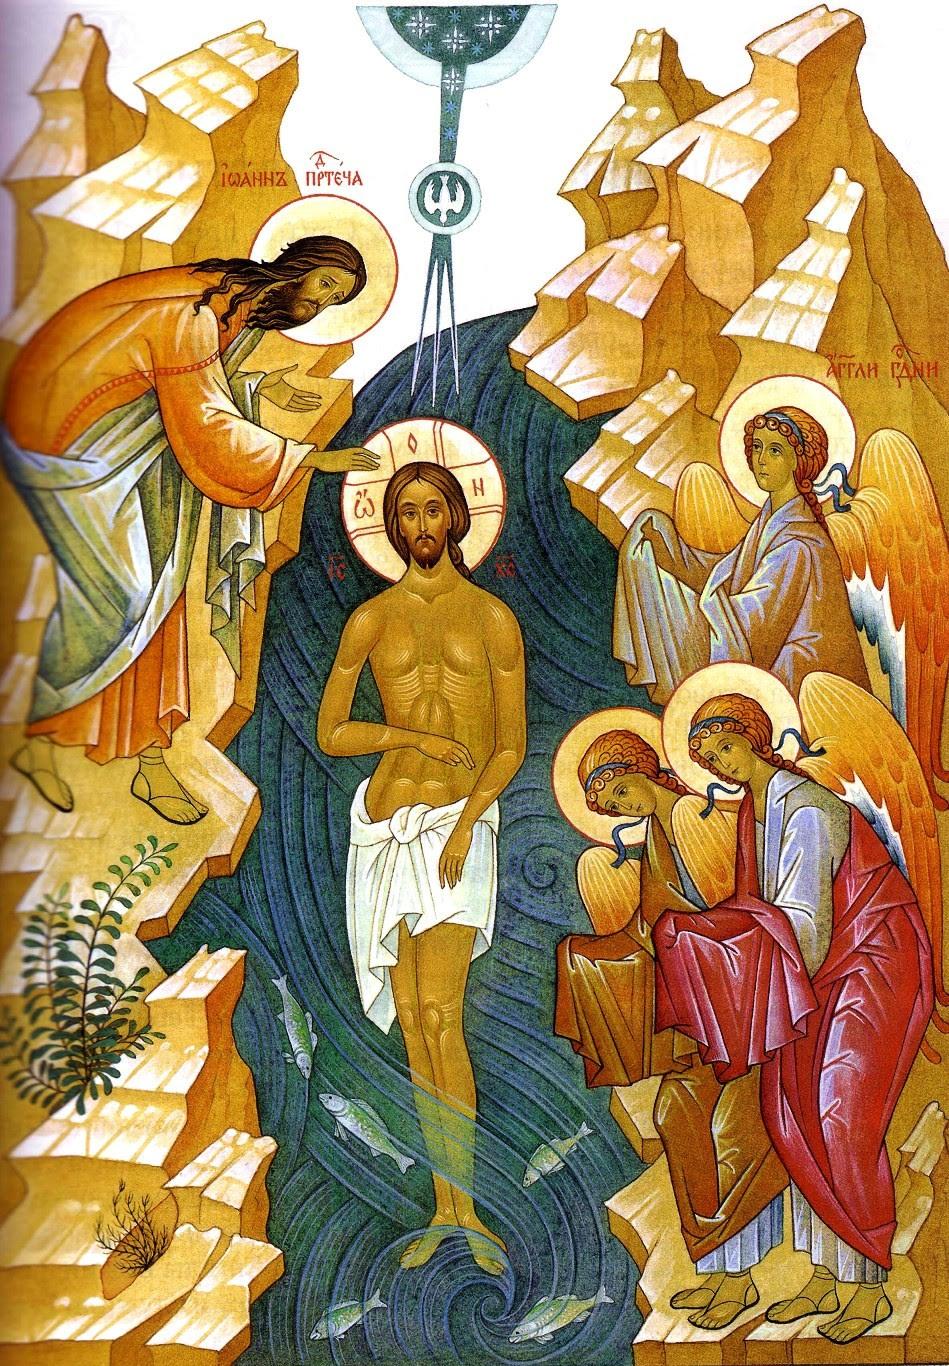 Αποτέλεσμα εικόνας για Совершается служба великому празднику Святое Богоявление. Крещение Господа Бога и Спаса нашего Иисуса Христа.